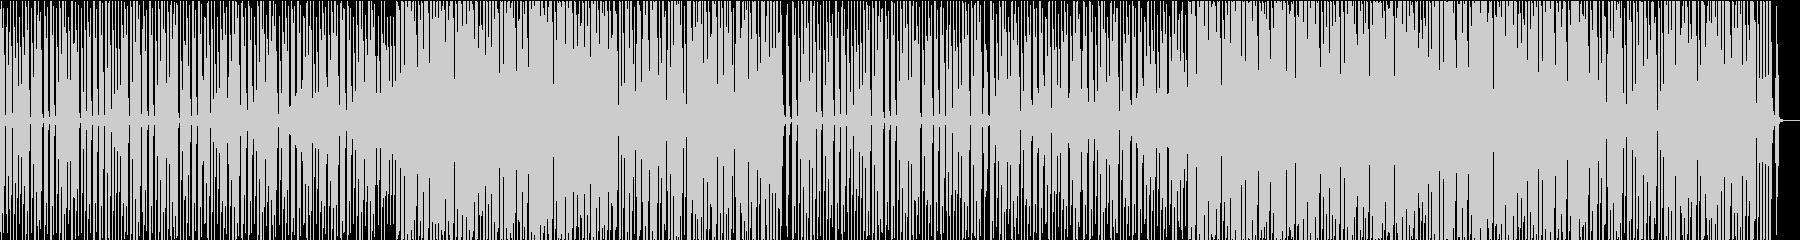 レトロなディスコの未再生の波形